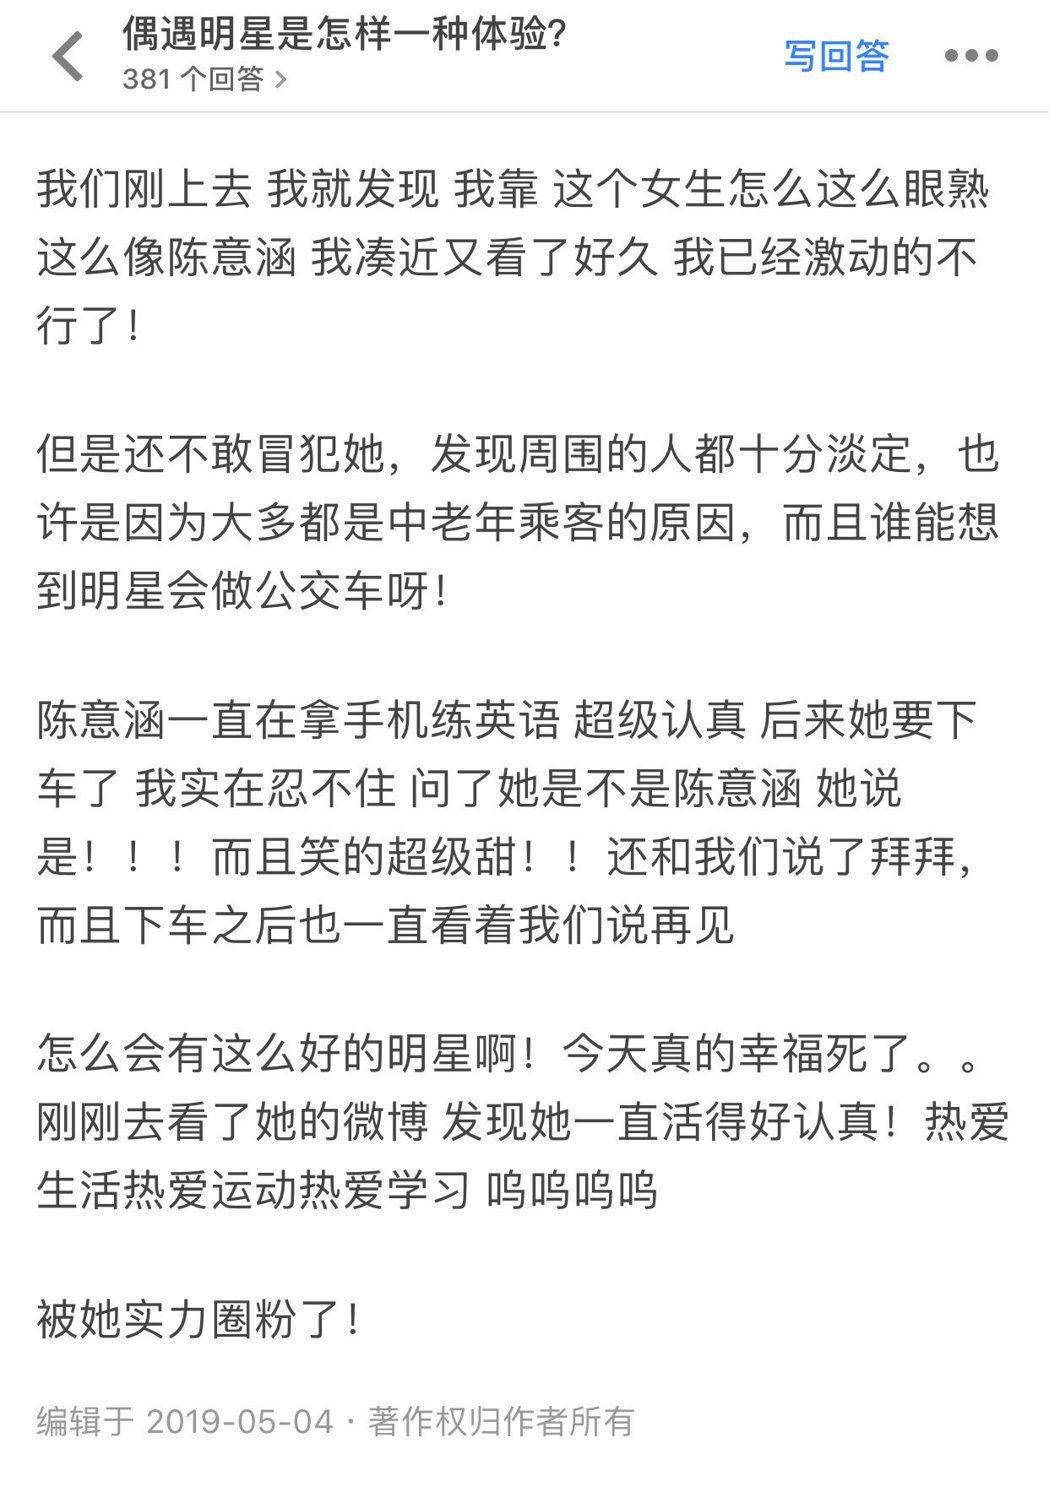 網友在公車上巧遇陳意涵。 圖/擷自微博